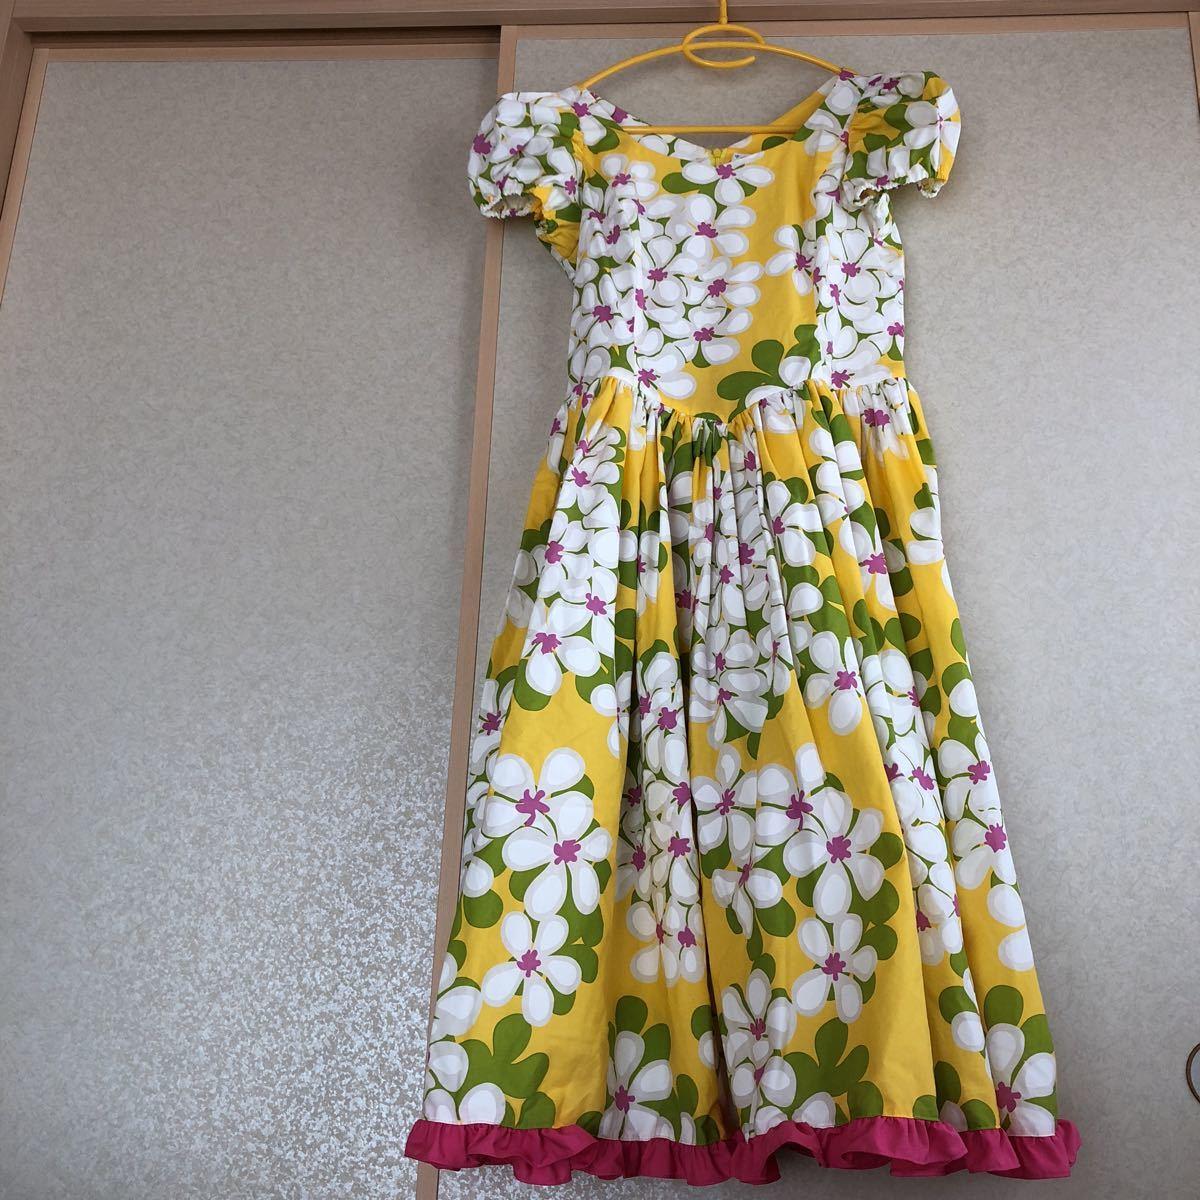 メネフネプランテーション フラダンス フラ ハワイアン ワンピース ドレス 黄色 プルメリア アロハ_画像1